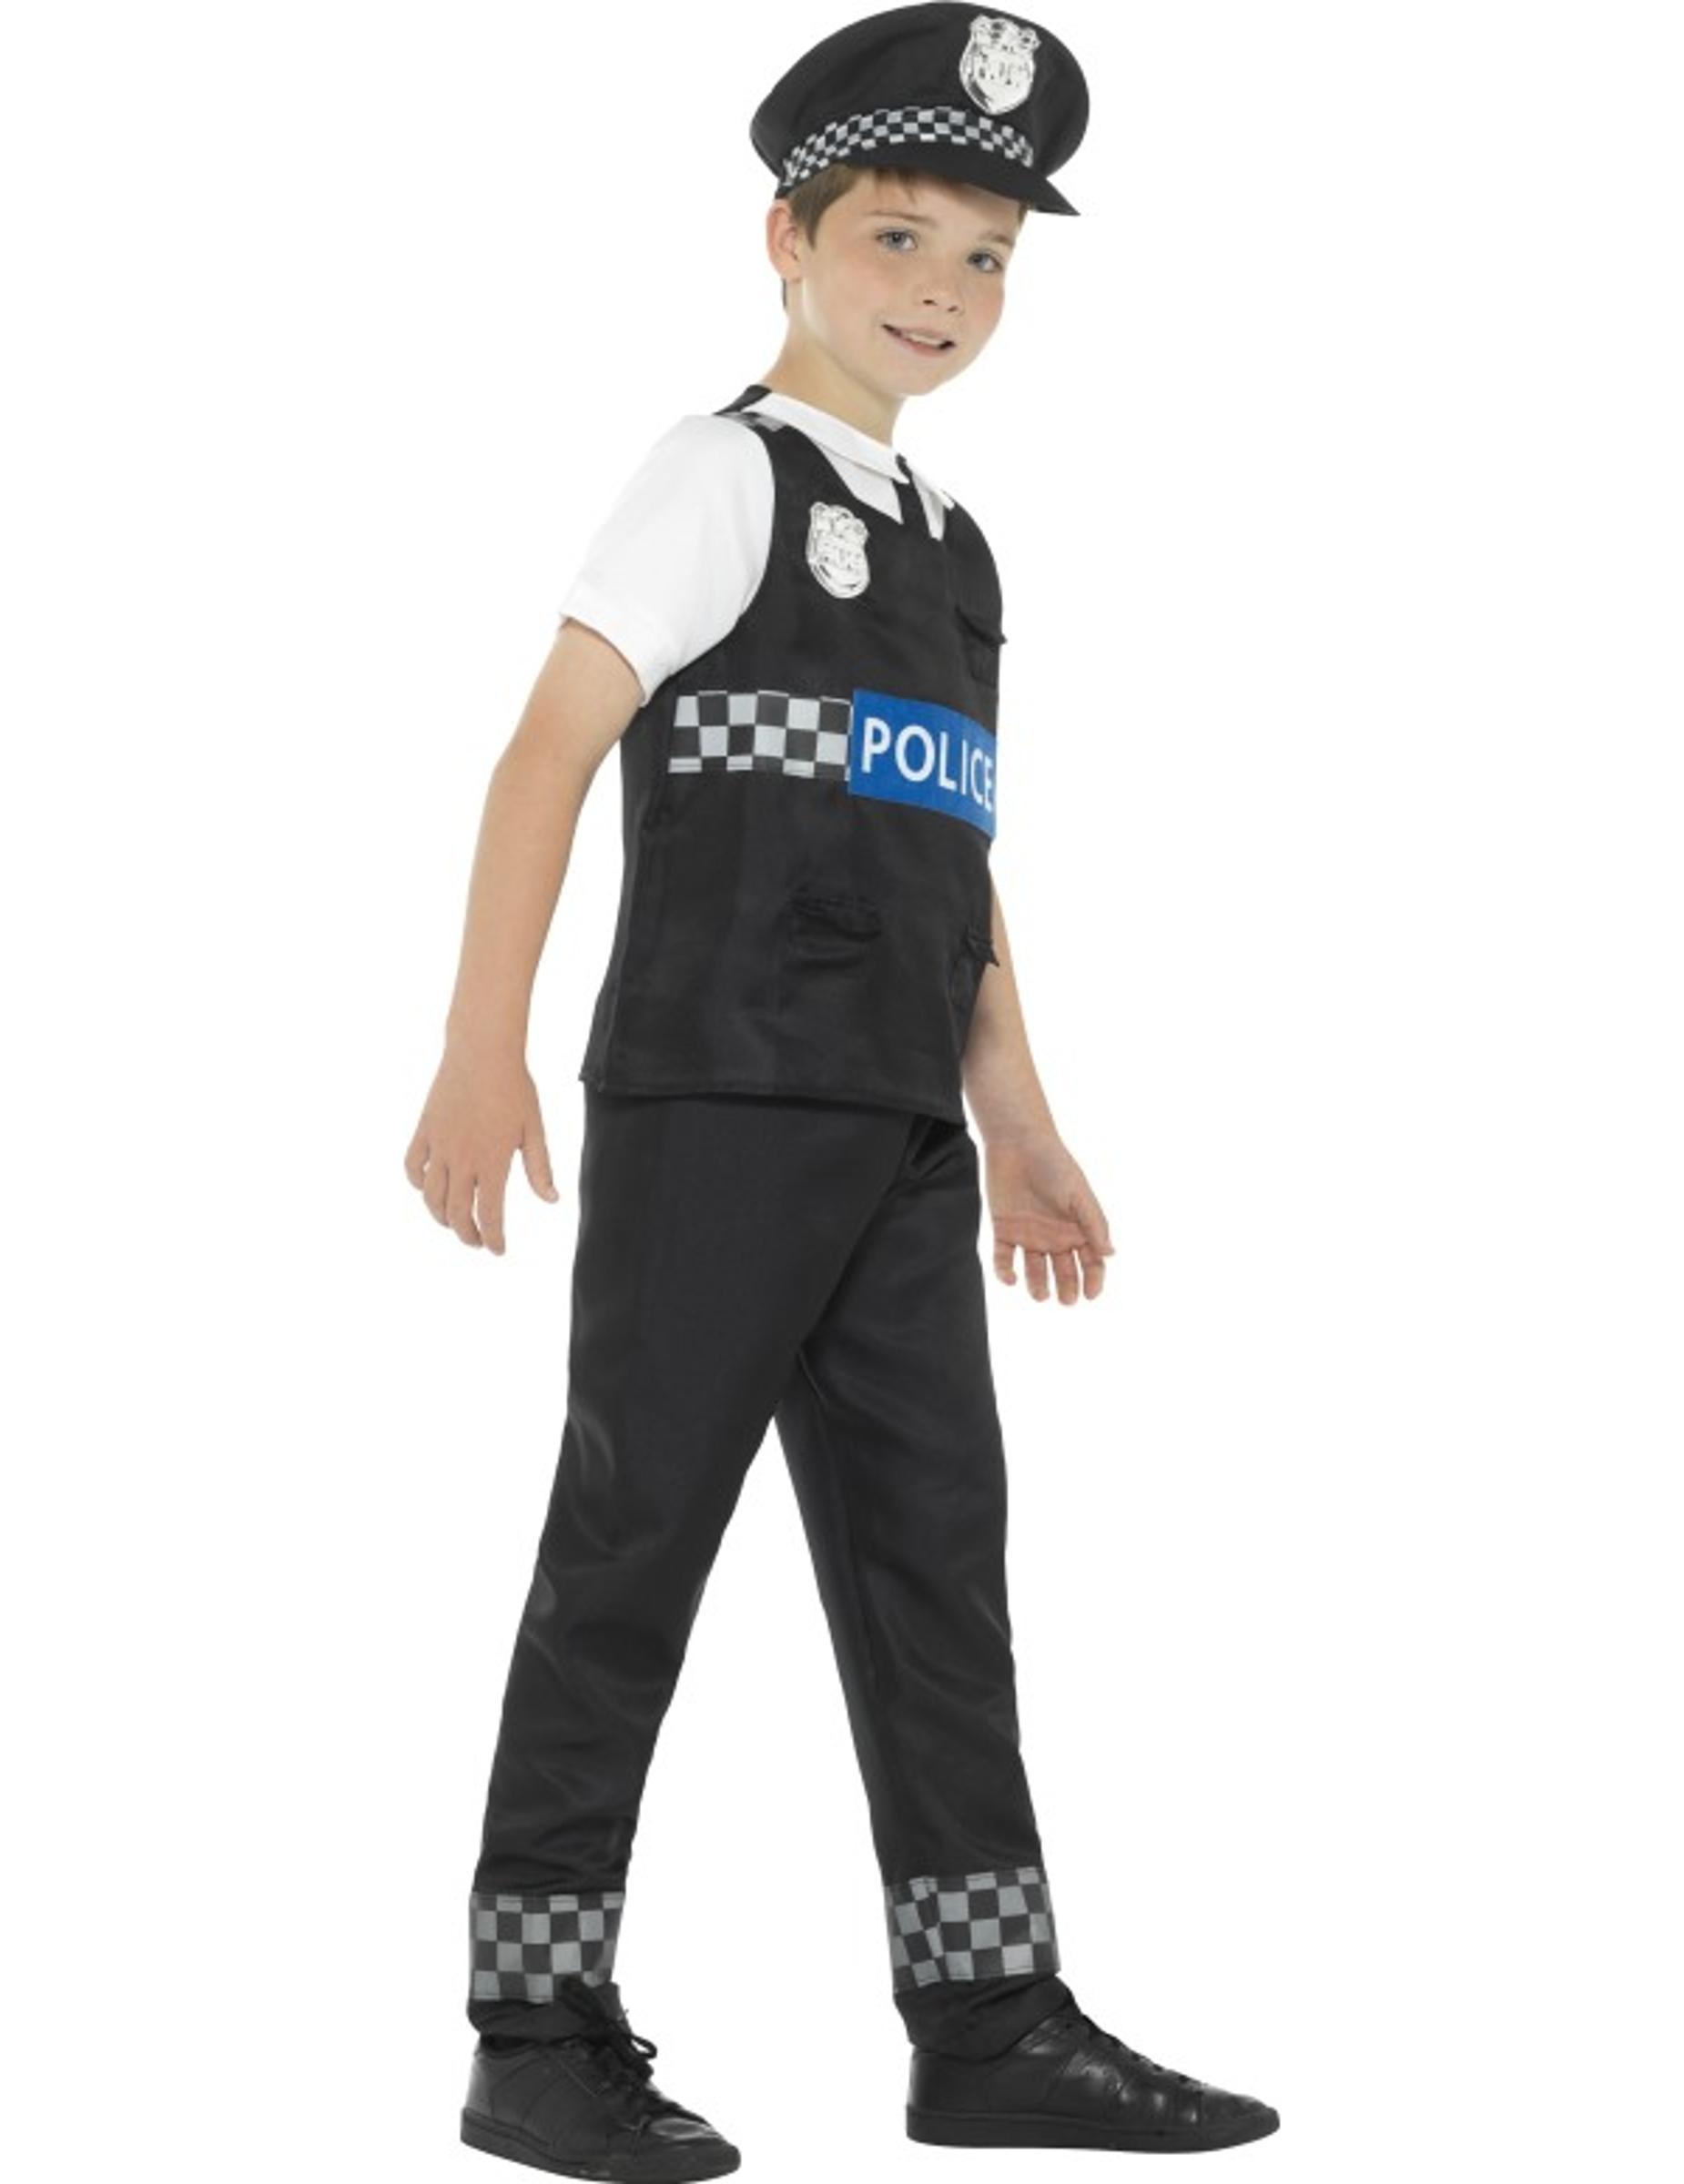 Déguisement policier noir et blanc garçon   Deguise-toi, achat de ... fb7699fc557e